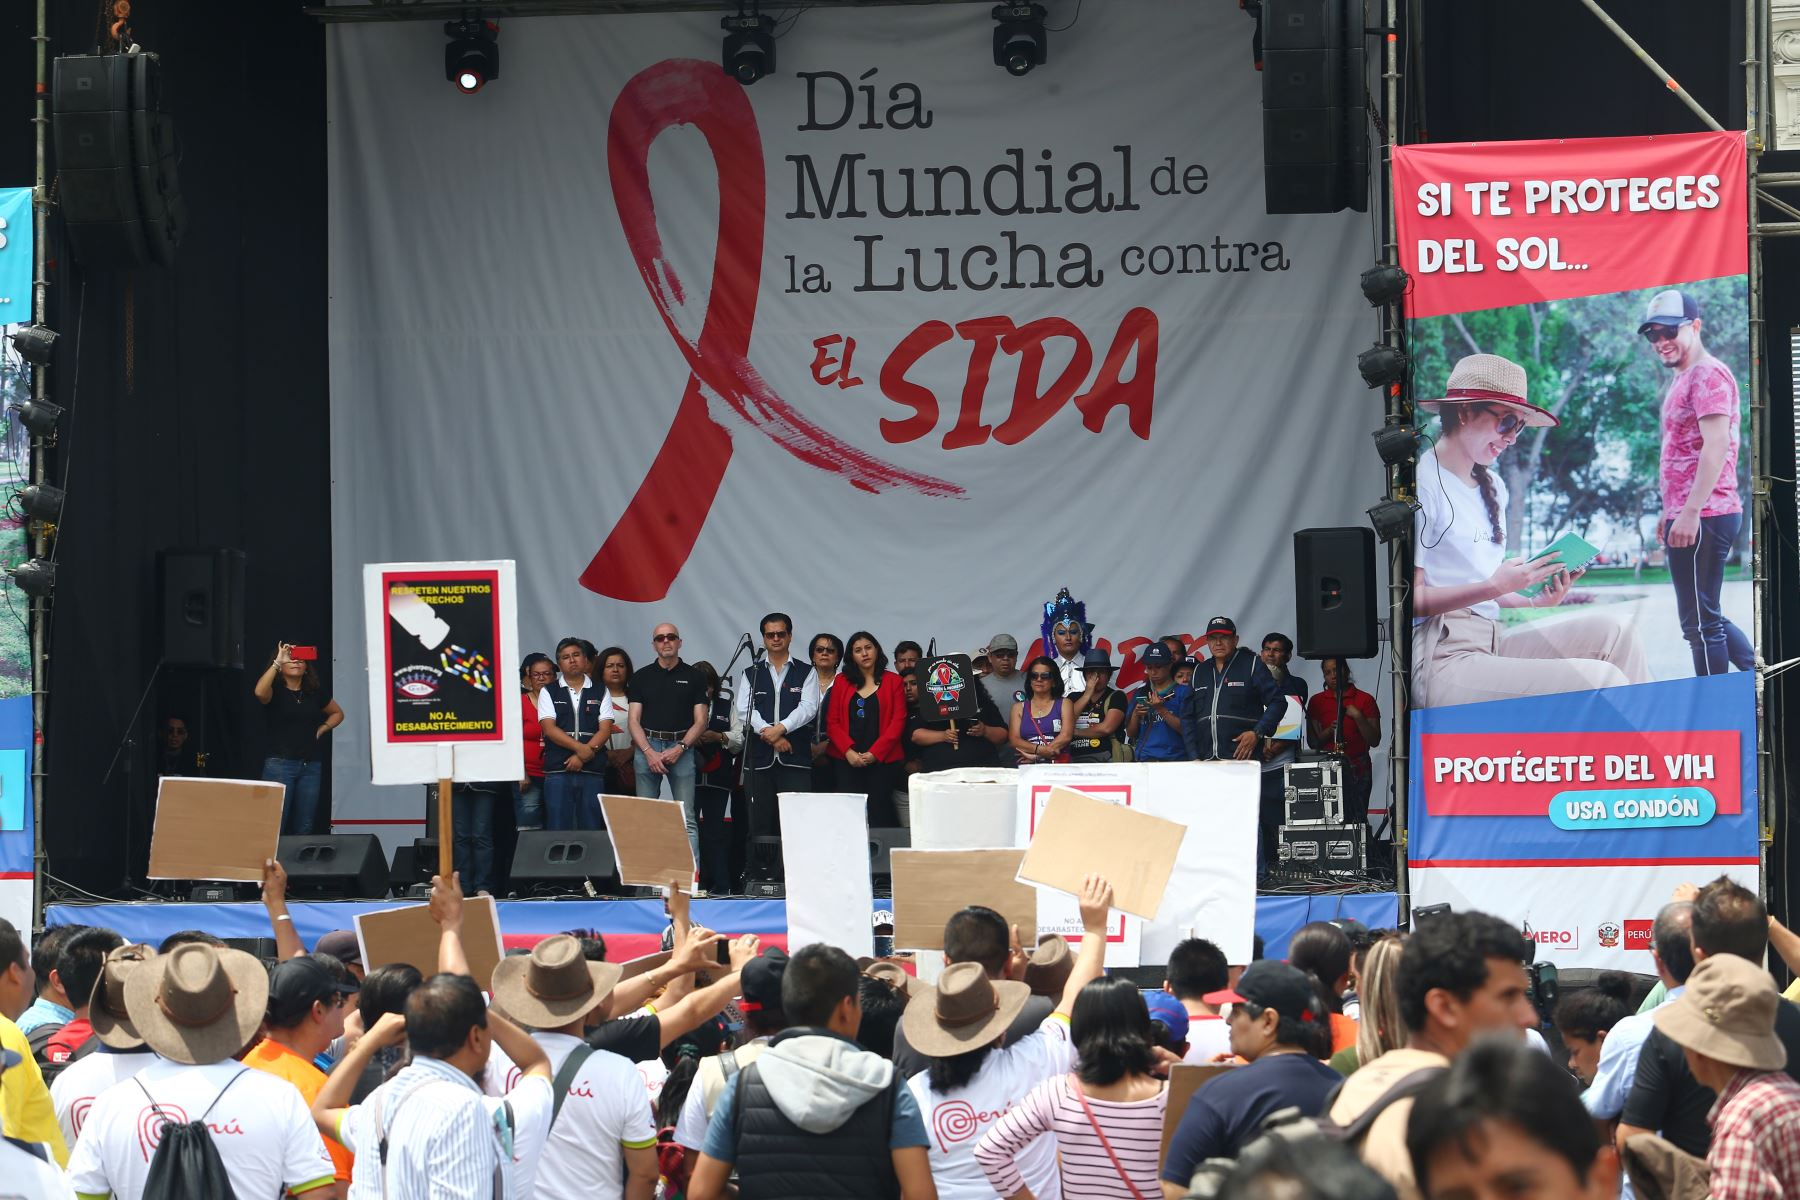 Con motivo del Día Mundial de Lucha contra el VIH/SIDA, que se conmemora , el Ministerio de Salud realiza el Festival Informativo Cultural, a fin de promover la prevención y educación sobre el Virus de la Inmunodeficiencia Humana (VIH). Foto: ANDINA/ Héctor Vinces